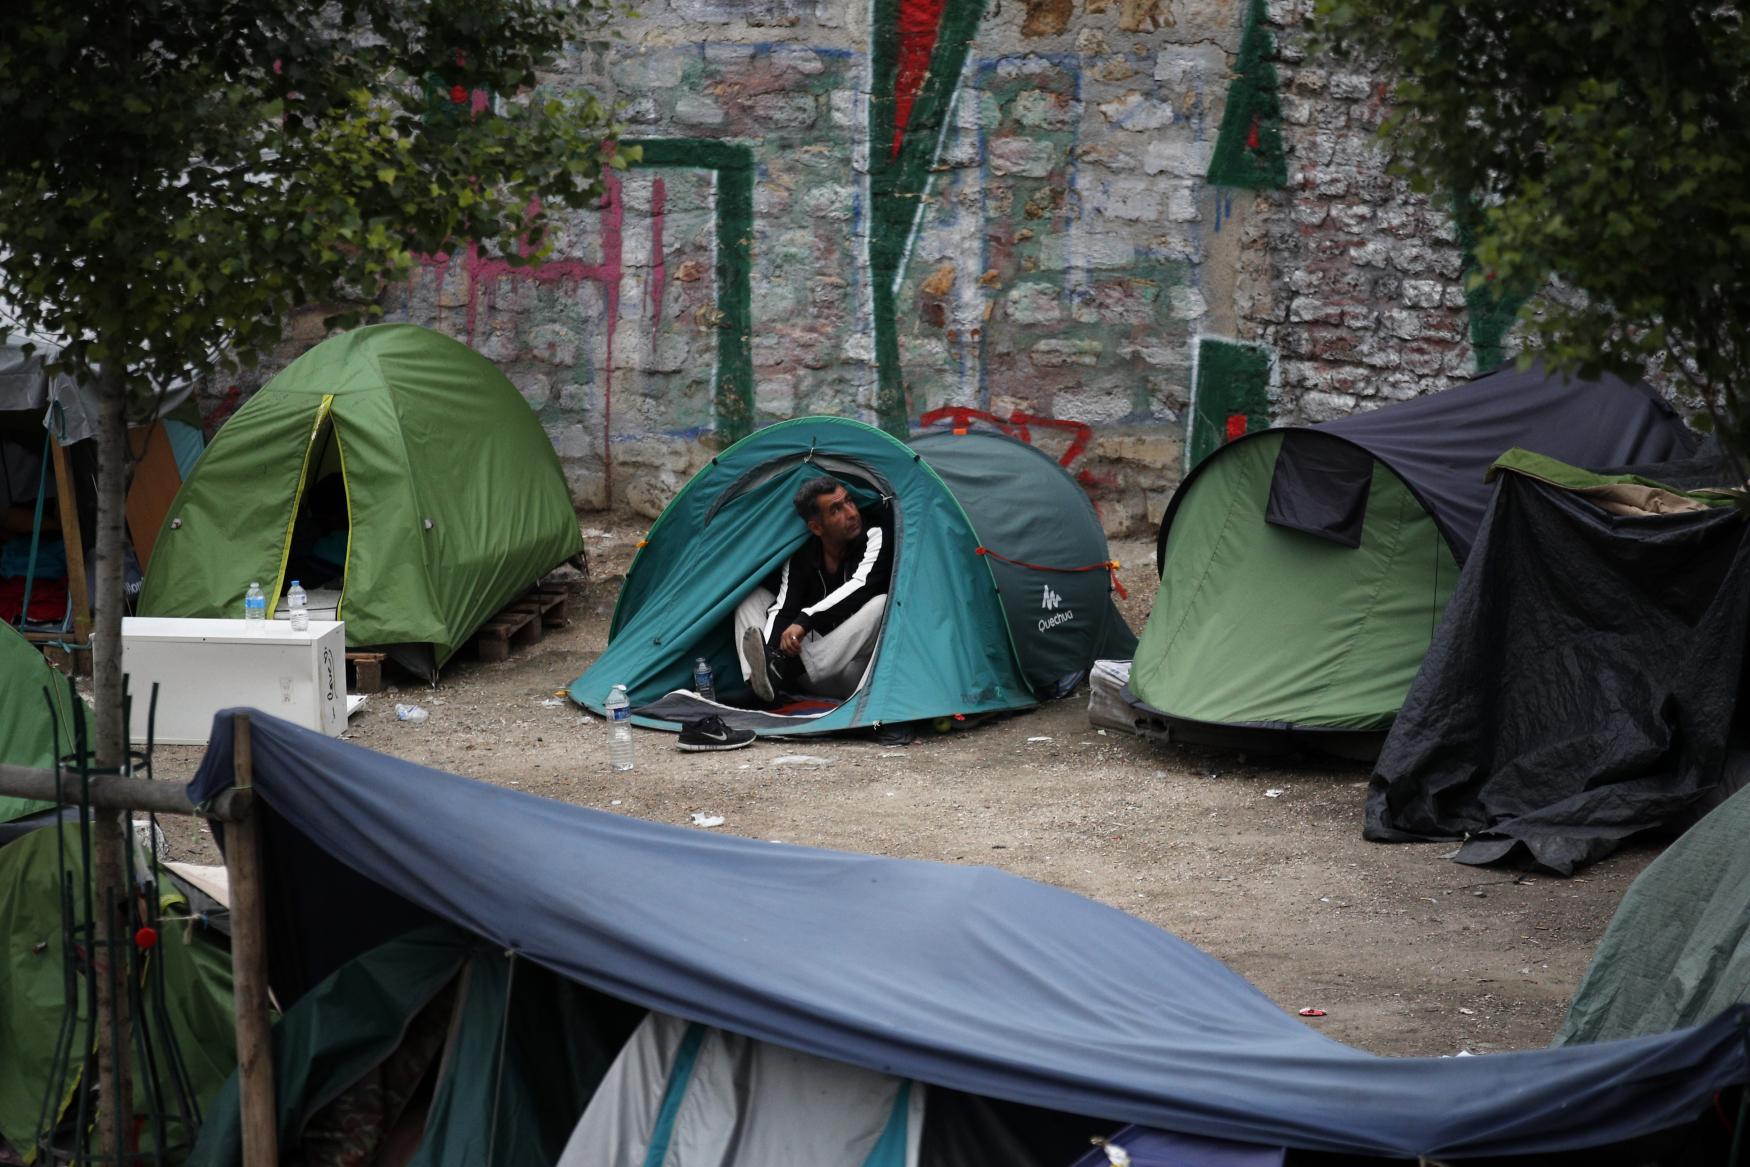 Uprchlíci v Paříži